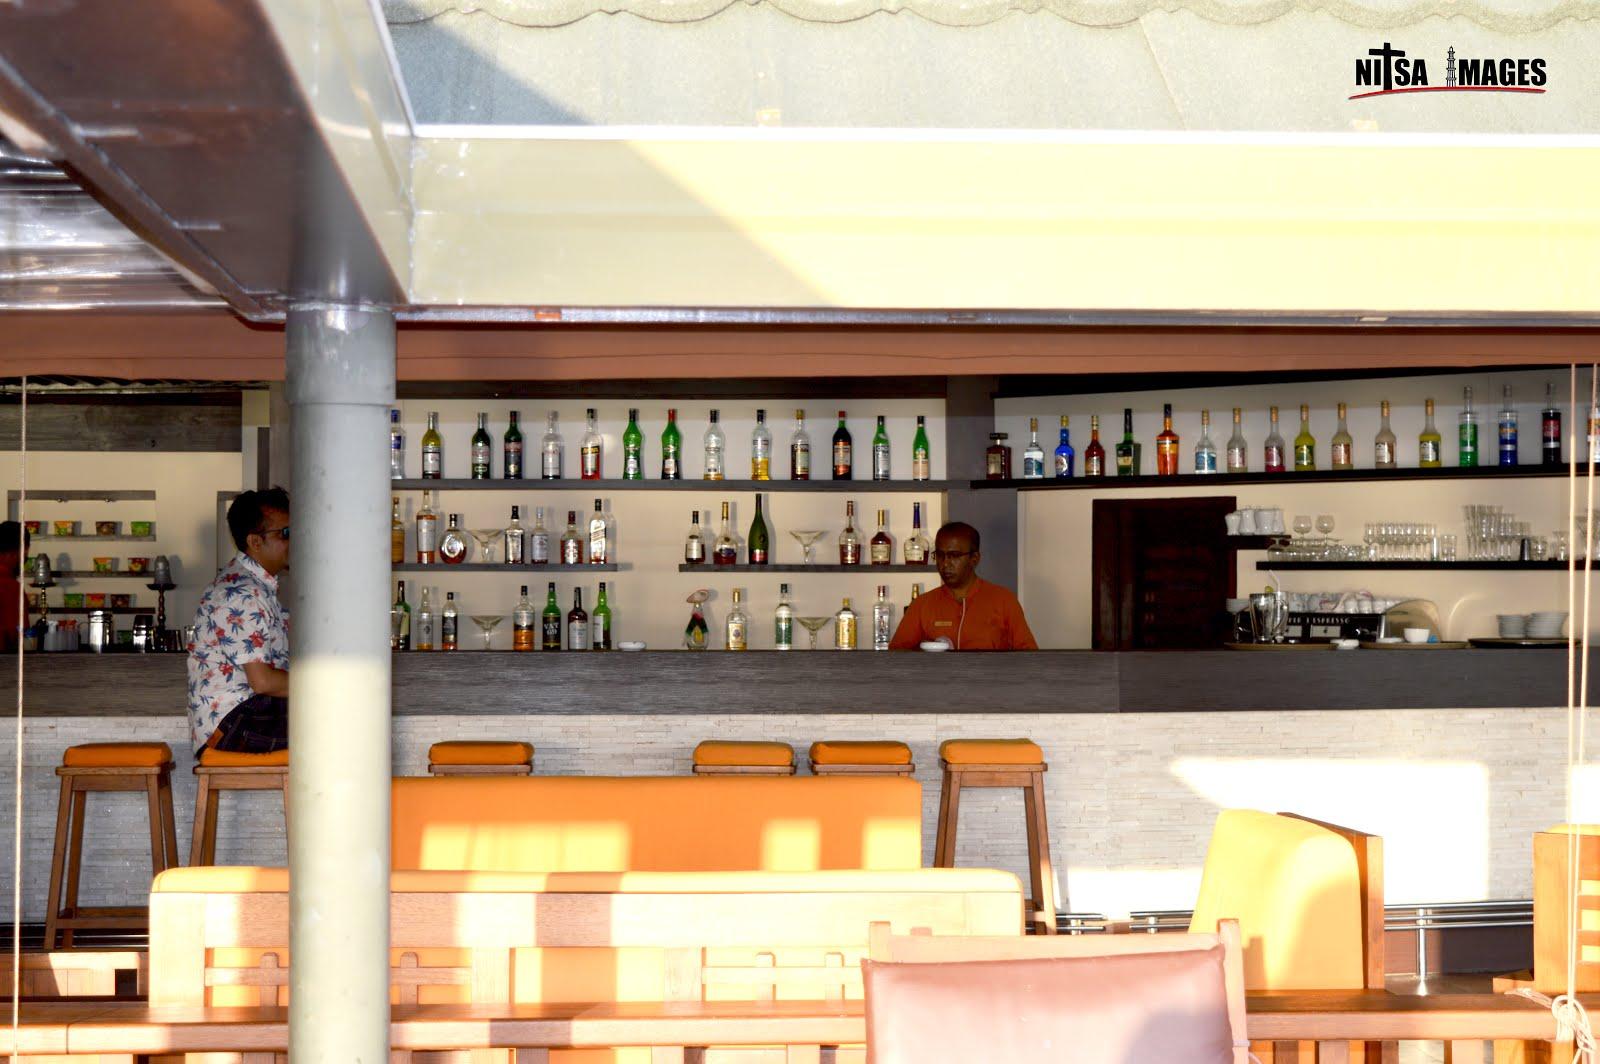 Nitsa Varied Food Options At Paradise Island Resort Maldives